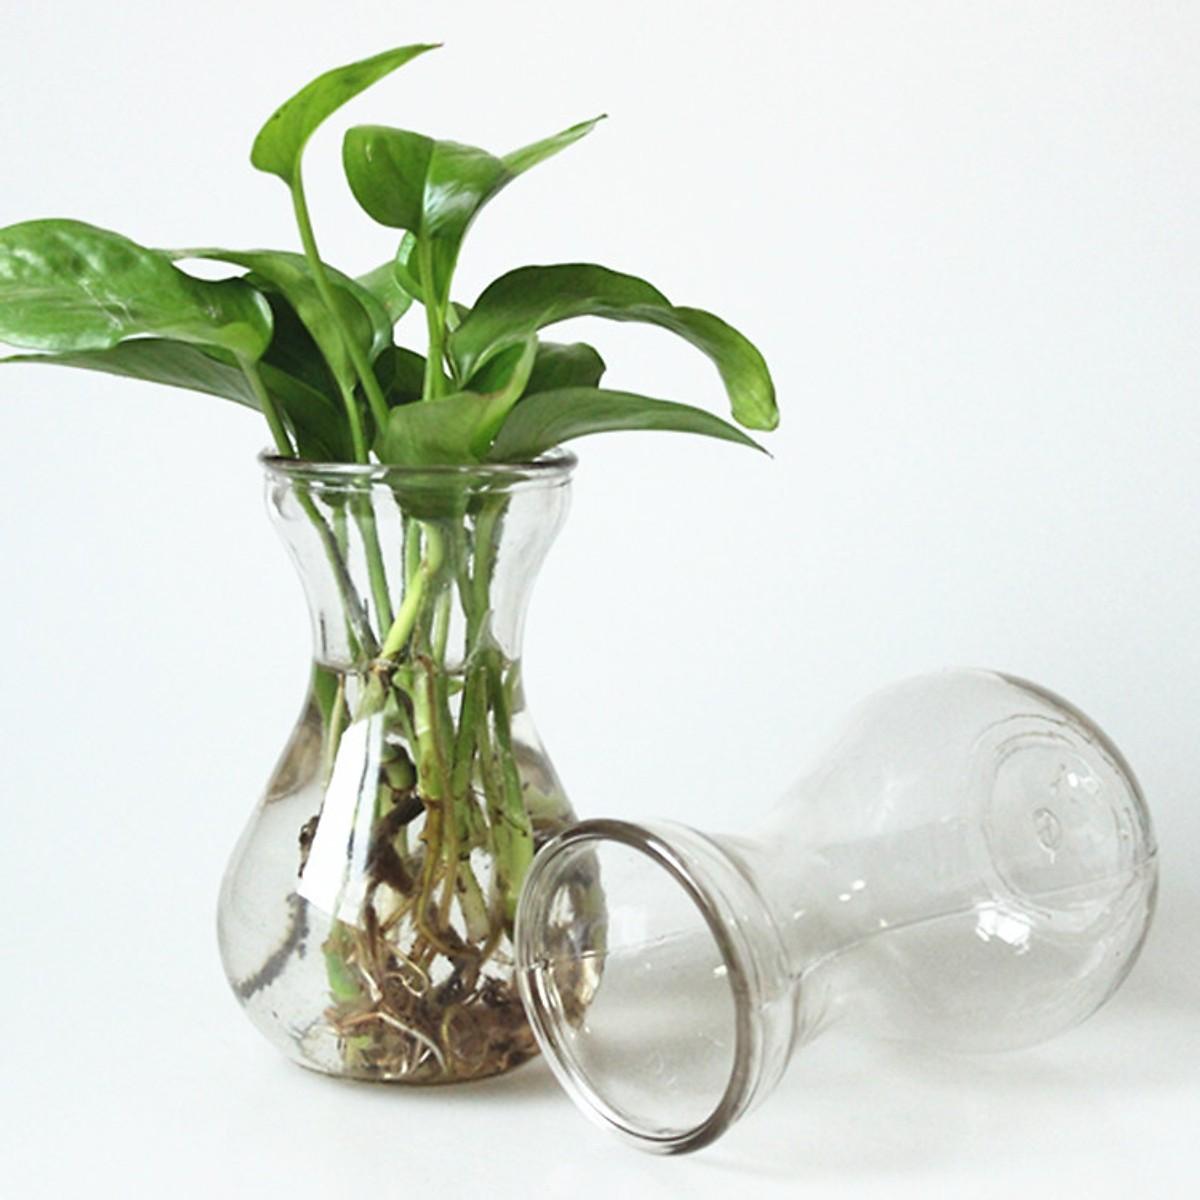 Bộ 2 bình bông lọ hoa thủy tinh miệng loe cao 14.5cm dùng cắm hoa trang trí phòng ăn, trồng cây thủy sinh để bàn làm việc hoặc làm ly đựng sinh tố